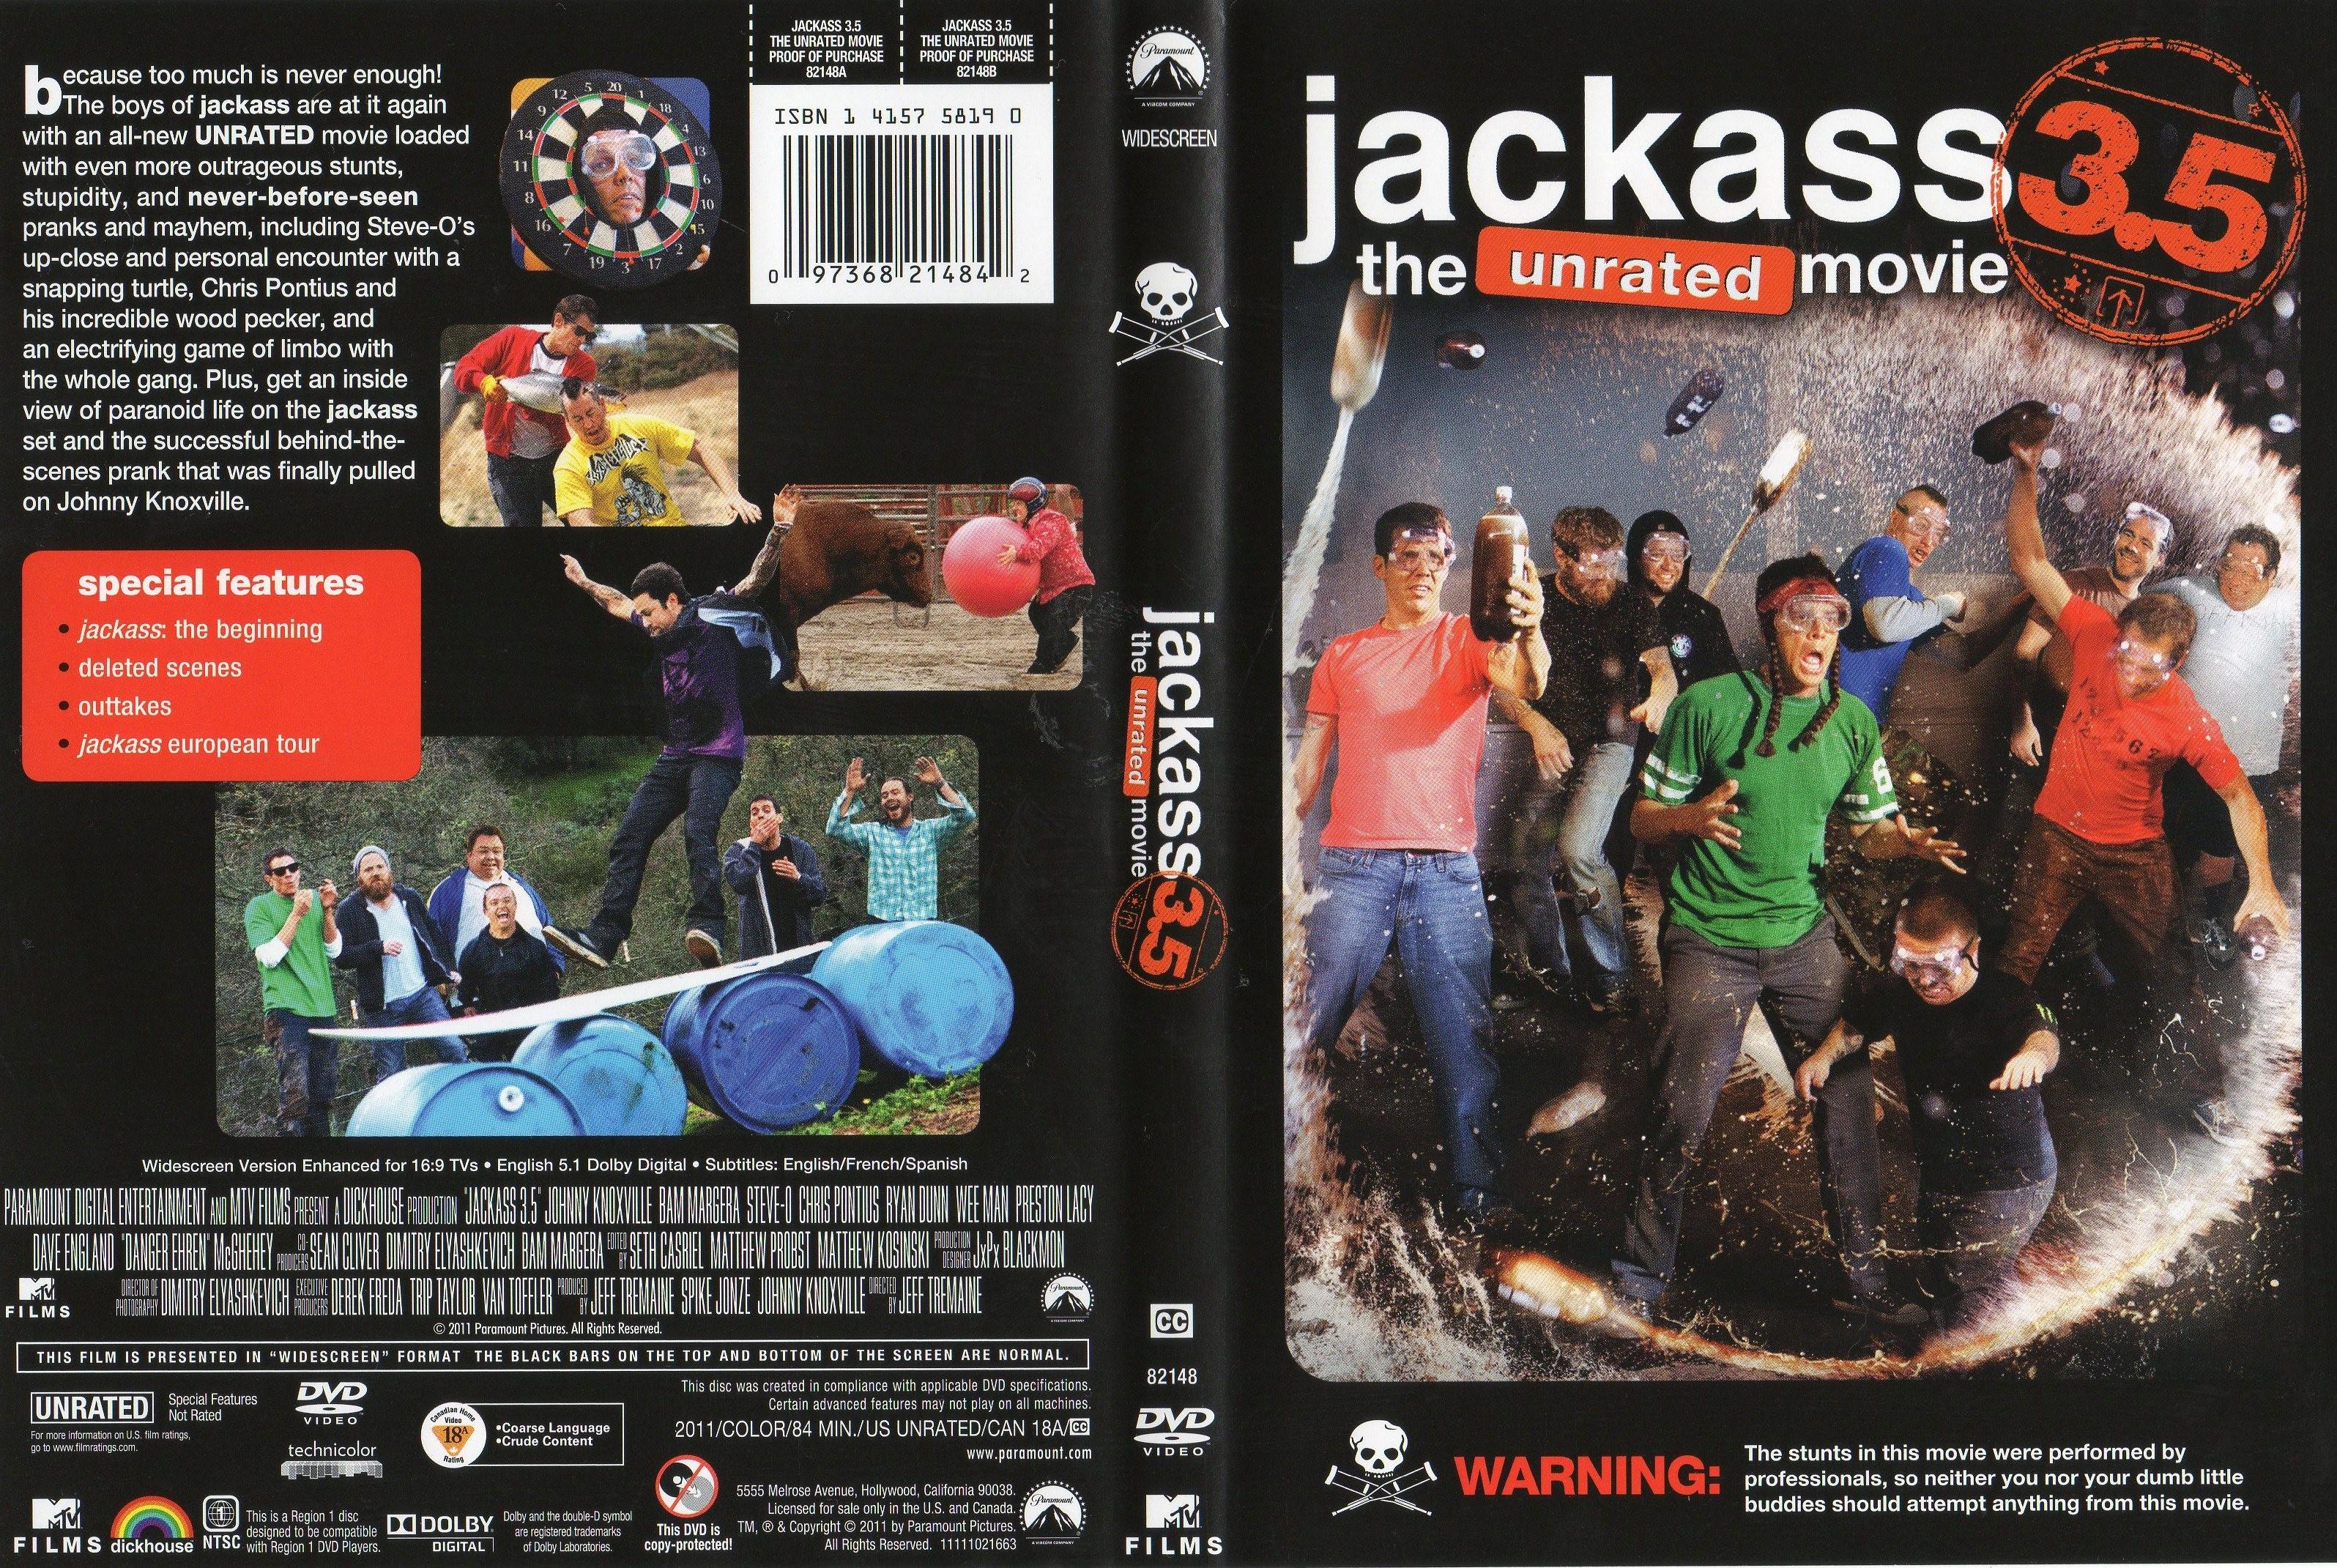 Jackass 3 5 viooz